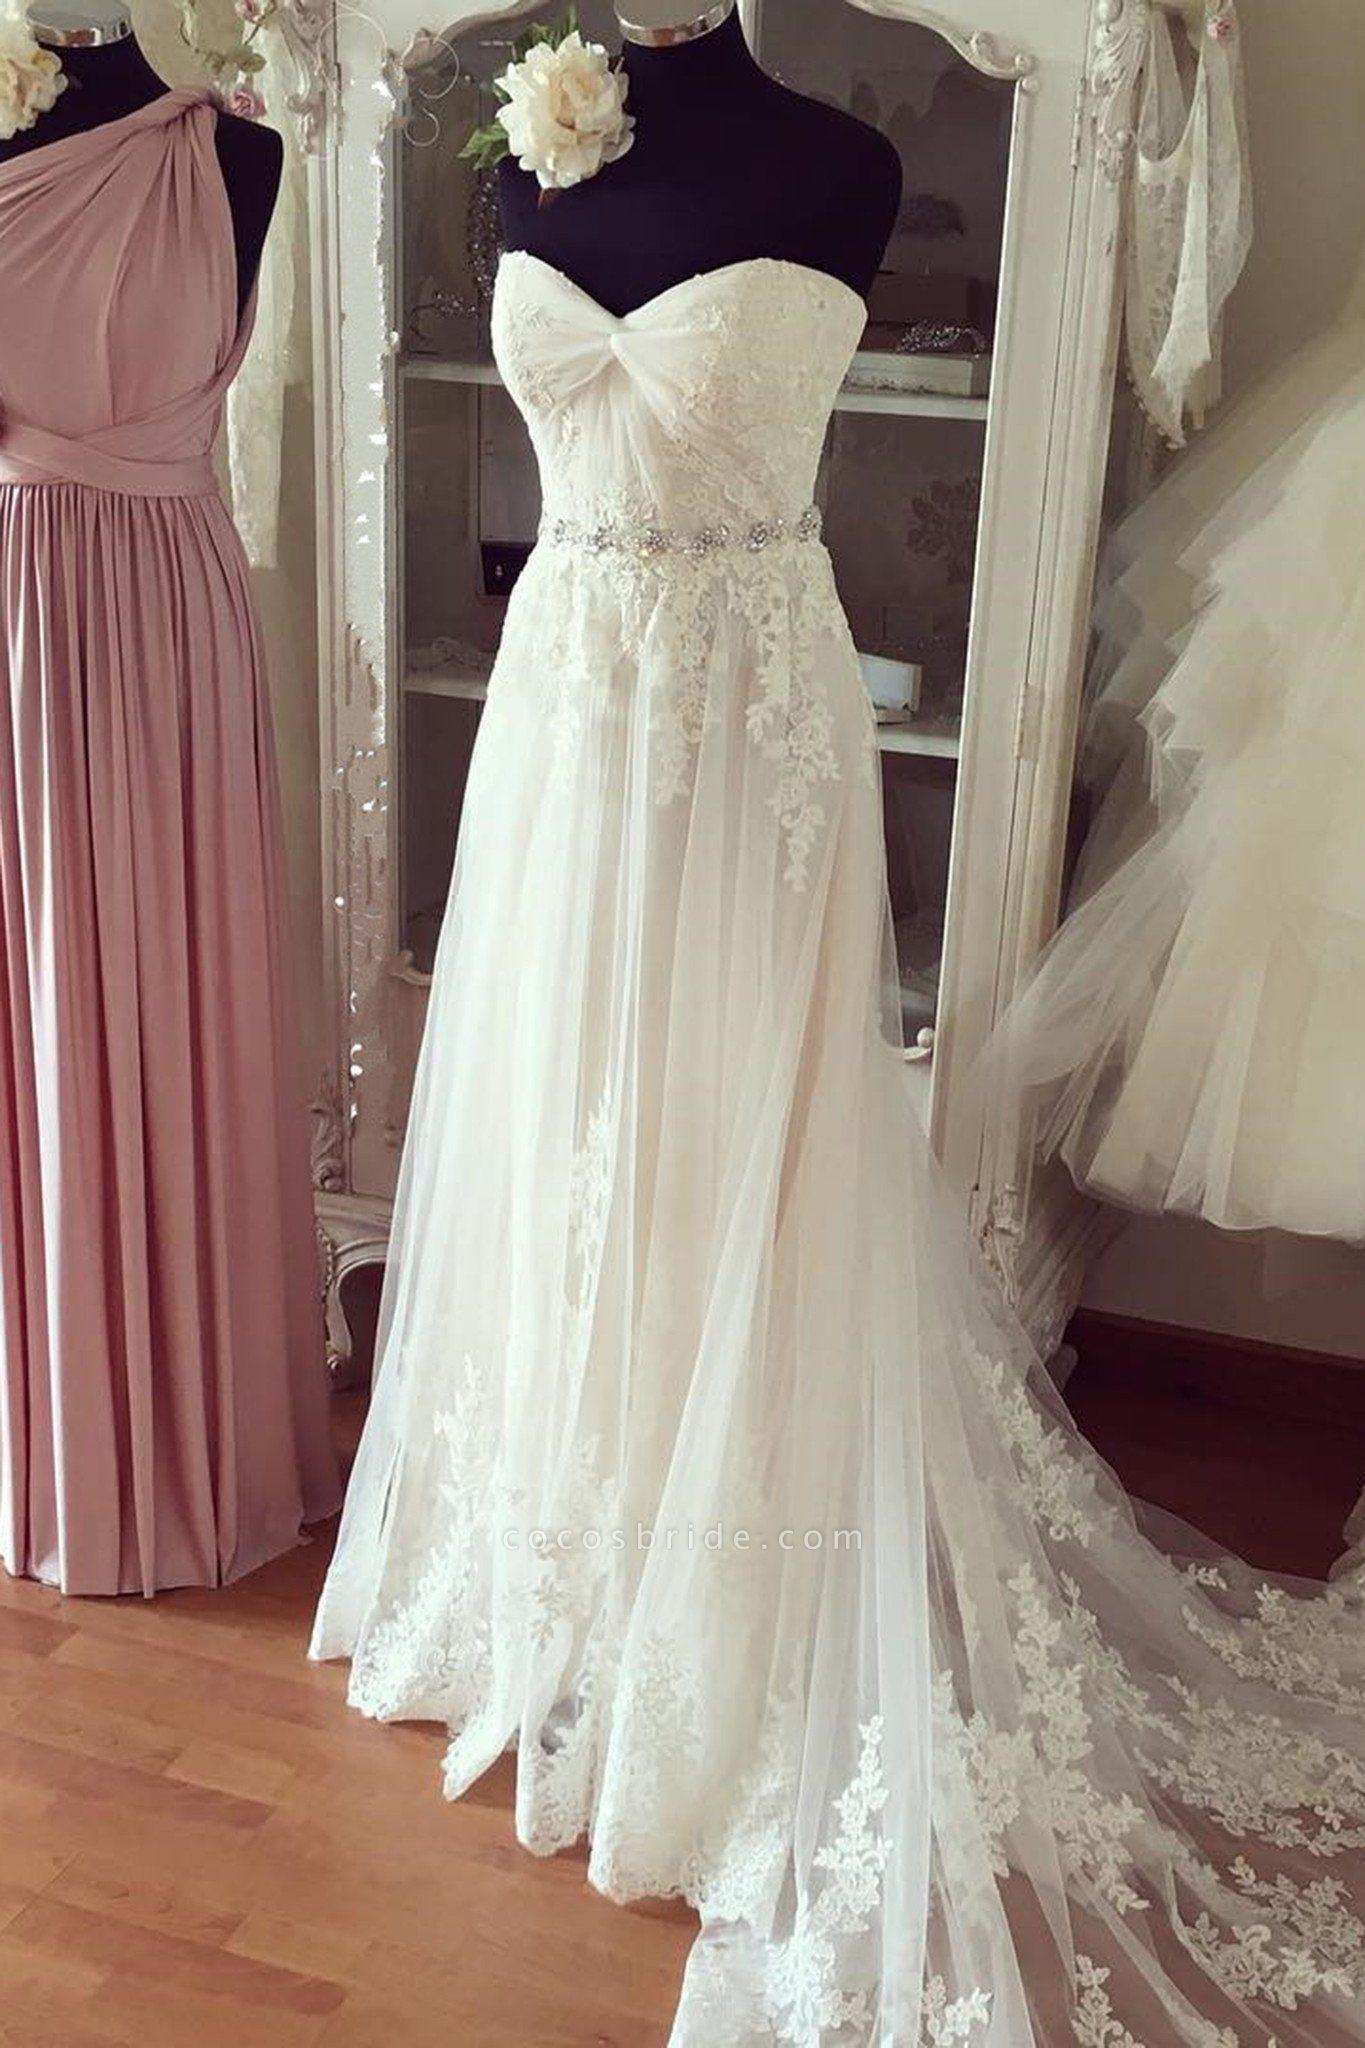 Pure White Chiffon Lace Organza Sweetheart Beading Wedding Dress